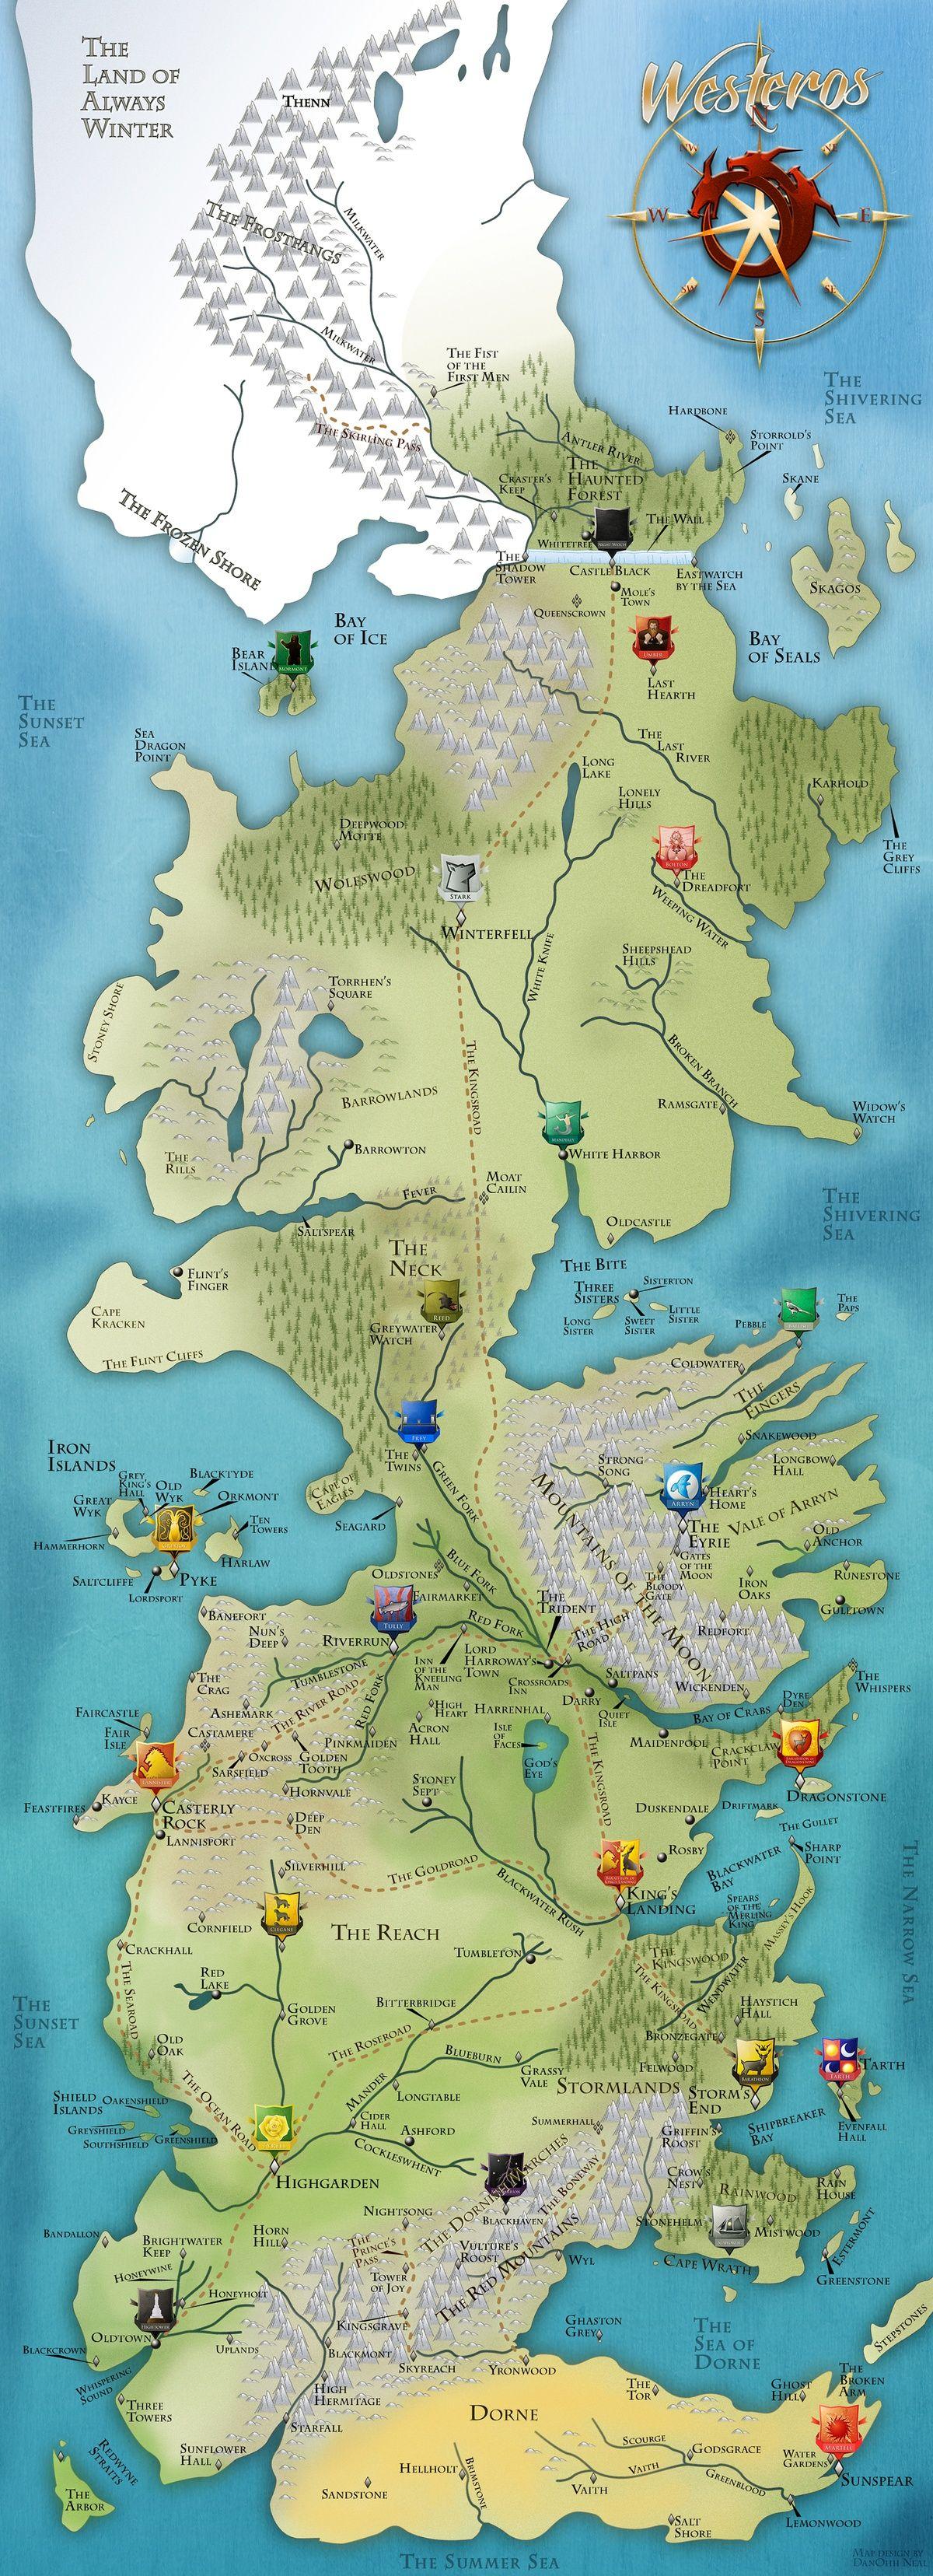 Got Westeros Map Mapa Juego De Tronos Juego De Tronos Y Mapa De